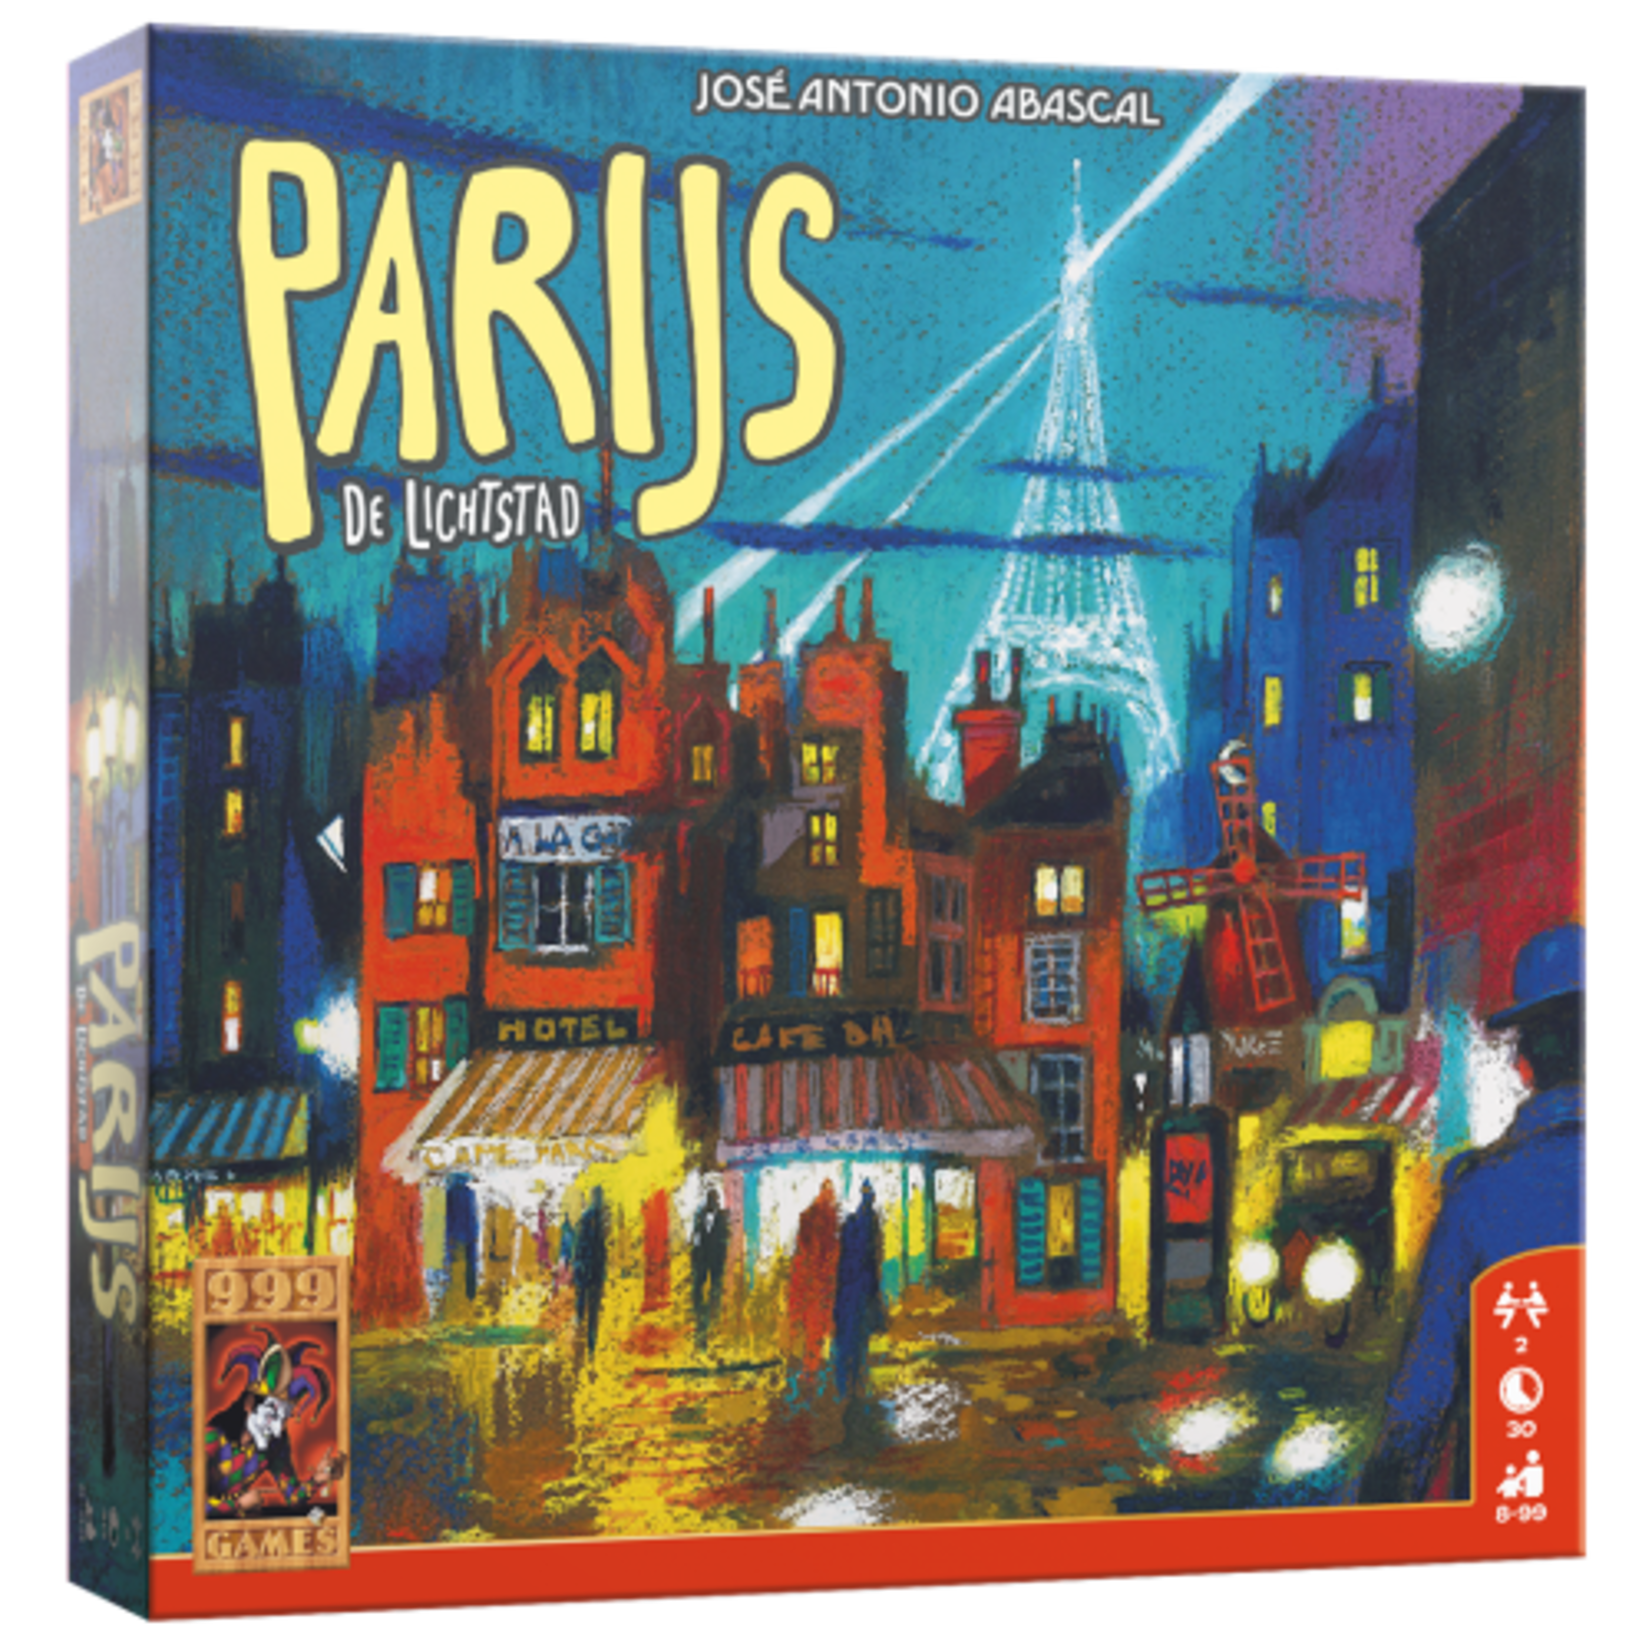 999 Games Parijs